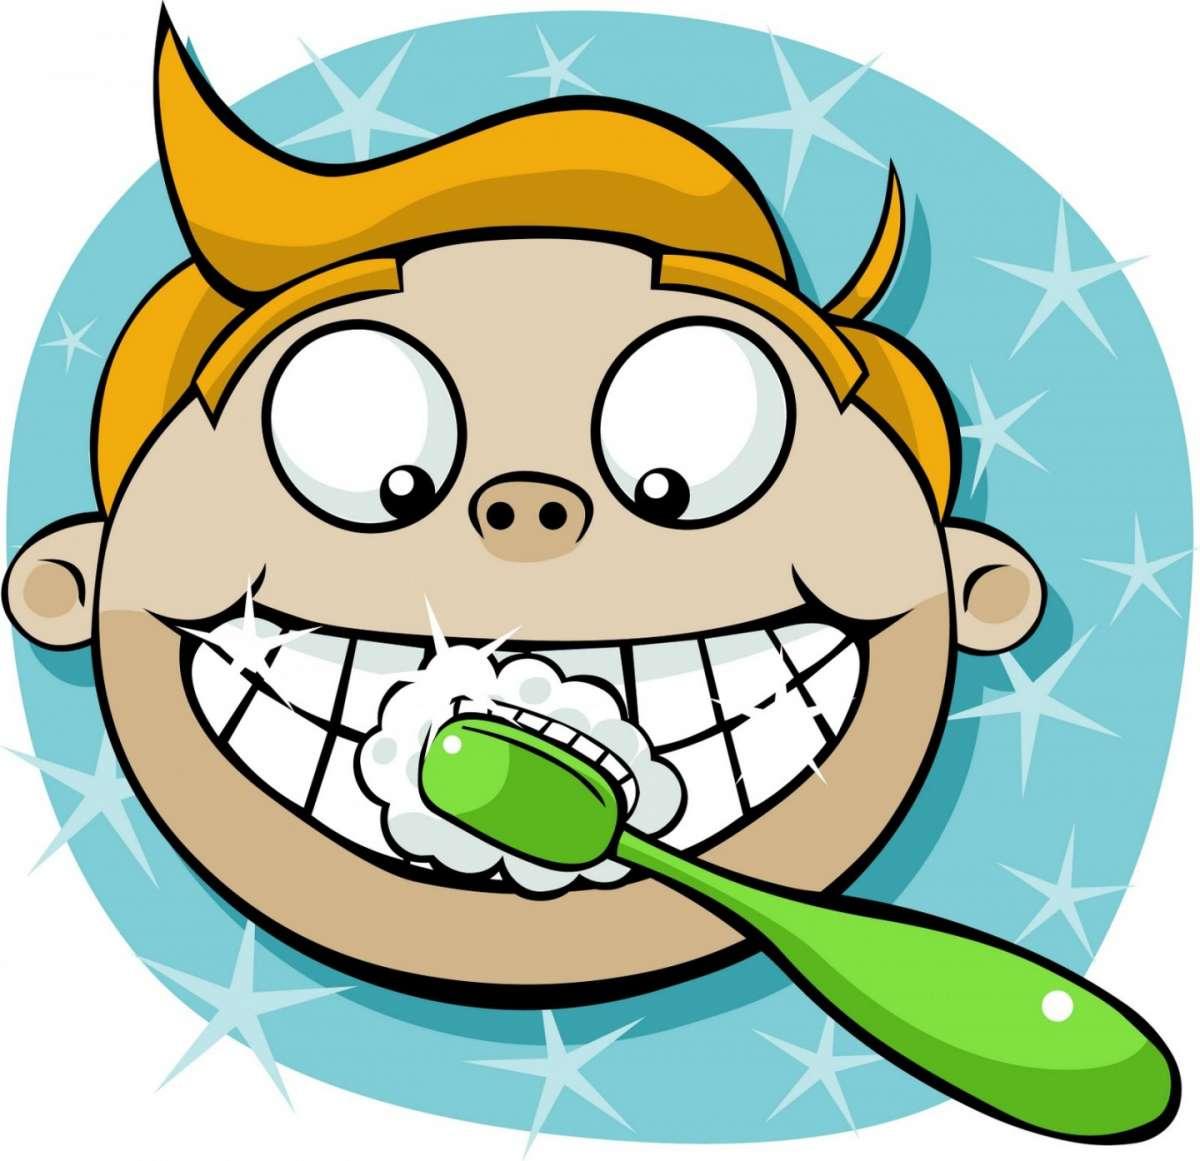 Lavarsi i denti: disegni per bambini per farli divertire [FOTO]